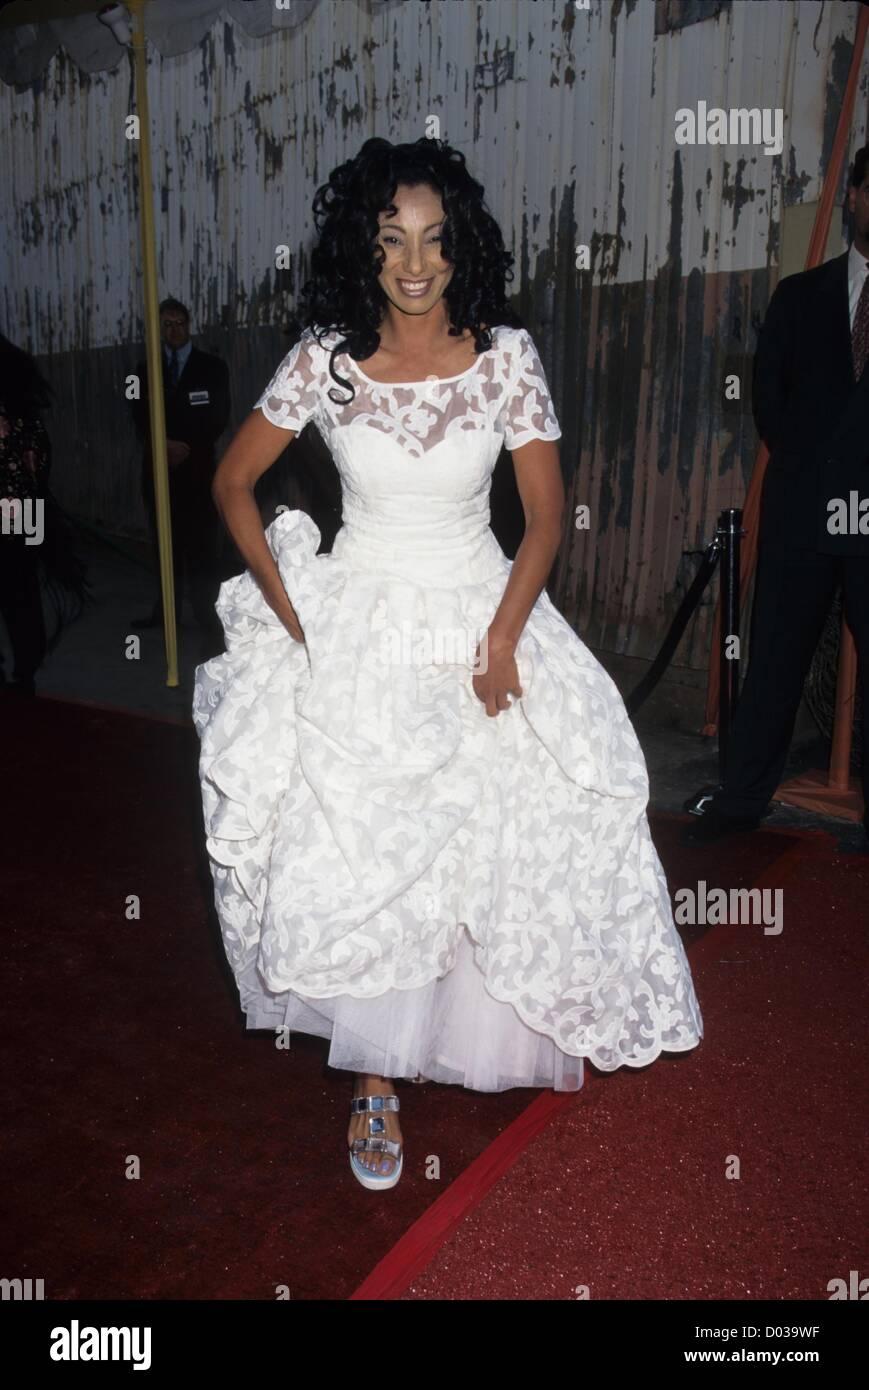 JULIE BROWN 1996.A.P.L.A. Todd Oldham rend hommage à Los Angeles Fashion Show.(Image Crédit: © Photo Stock